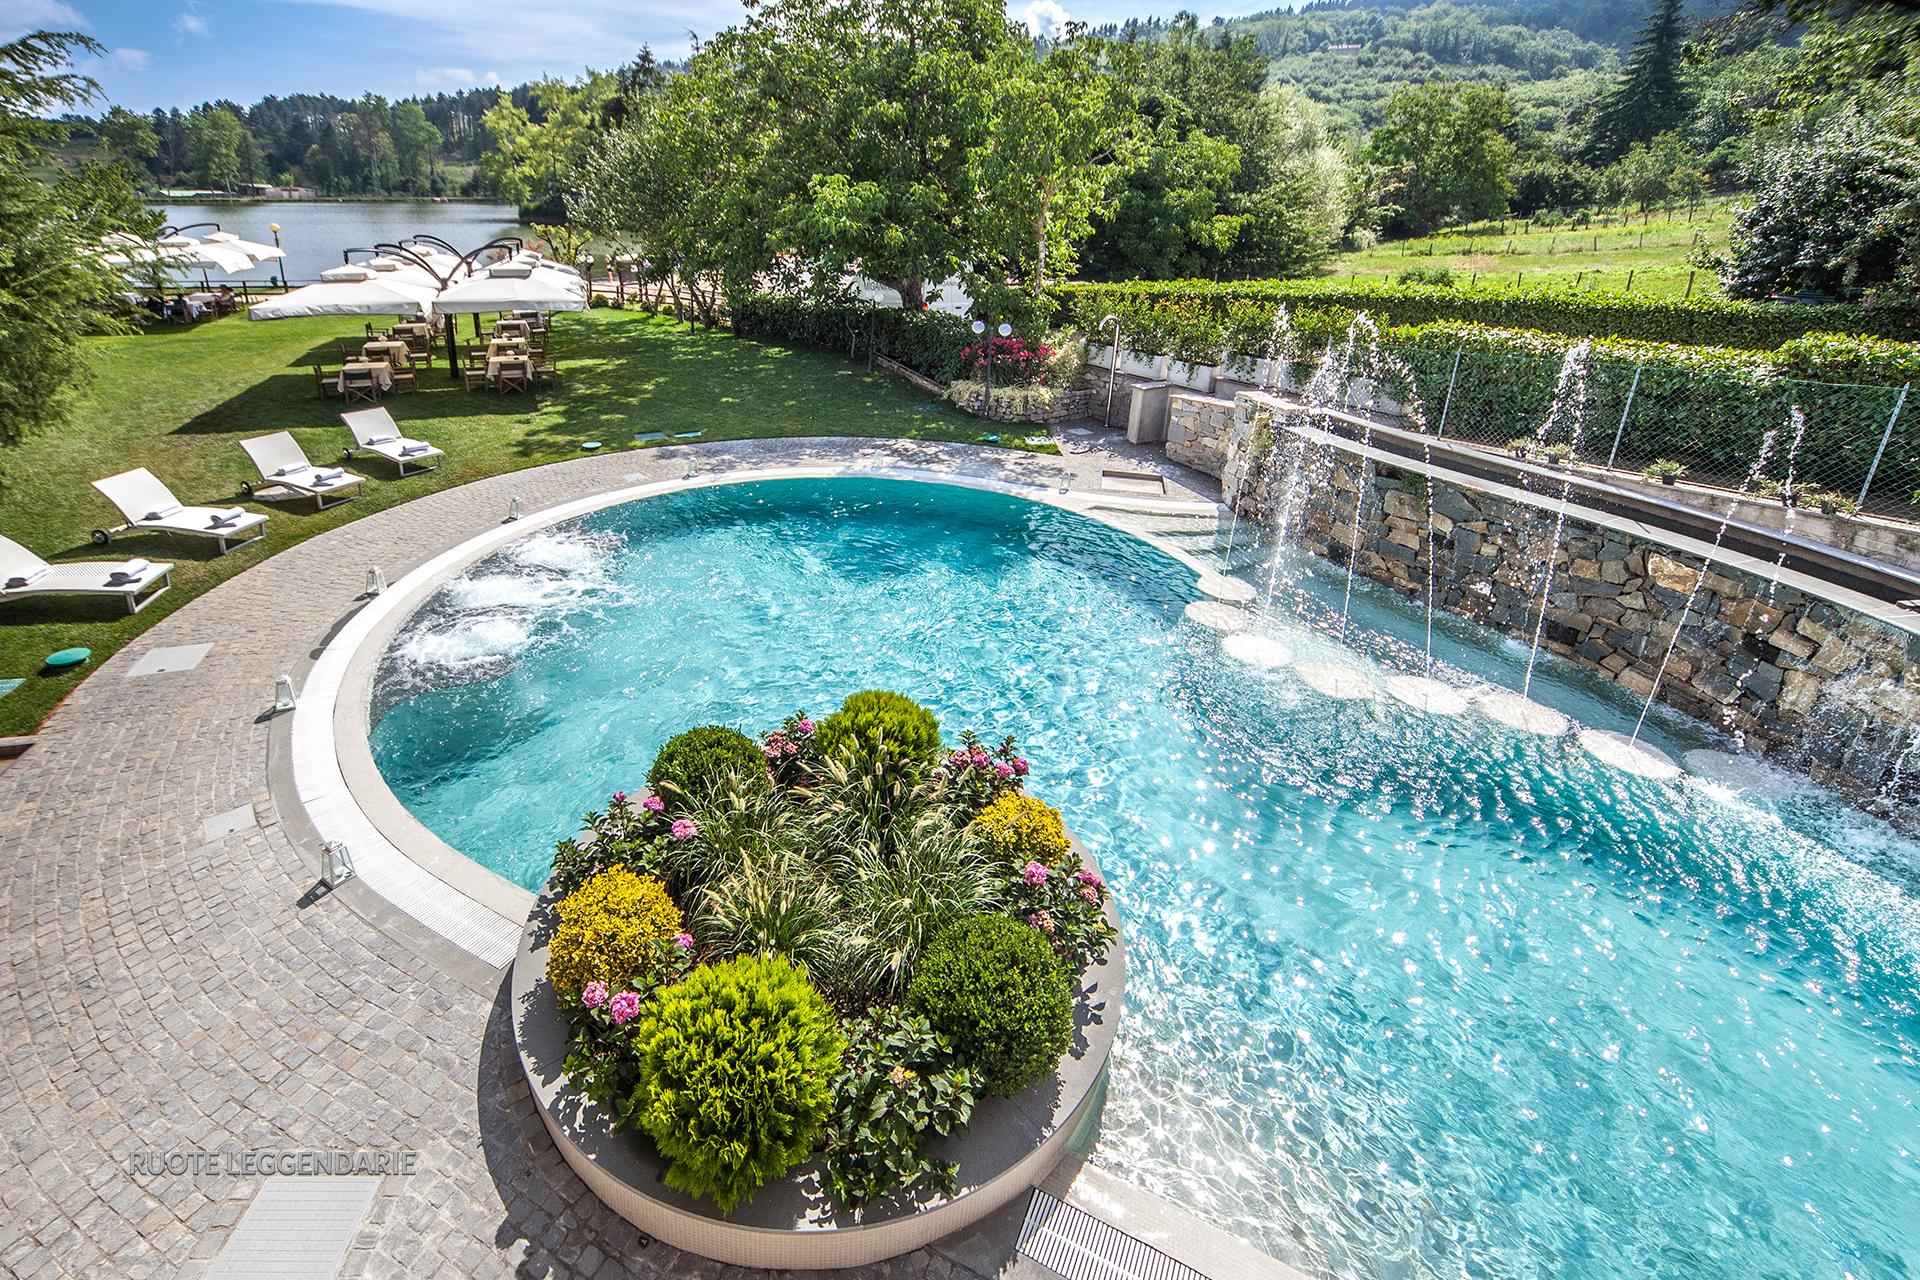 Batani select hotels ruote leggendarie - Bagno di romagna booking ...